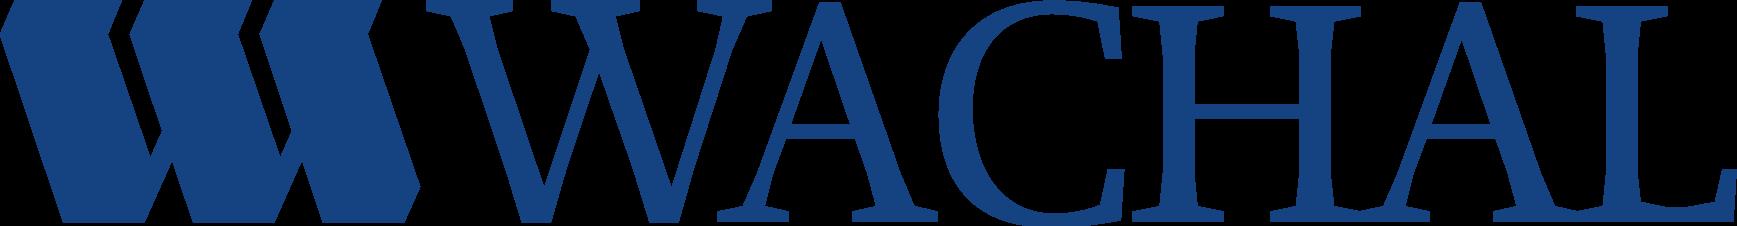 Wachal_logo